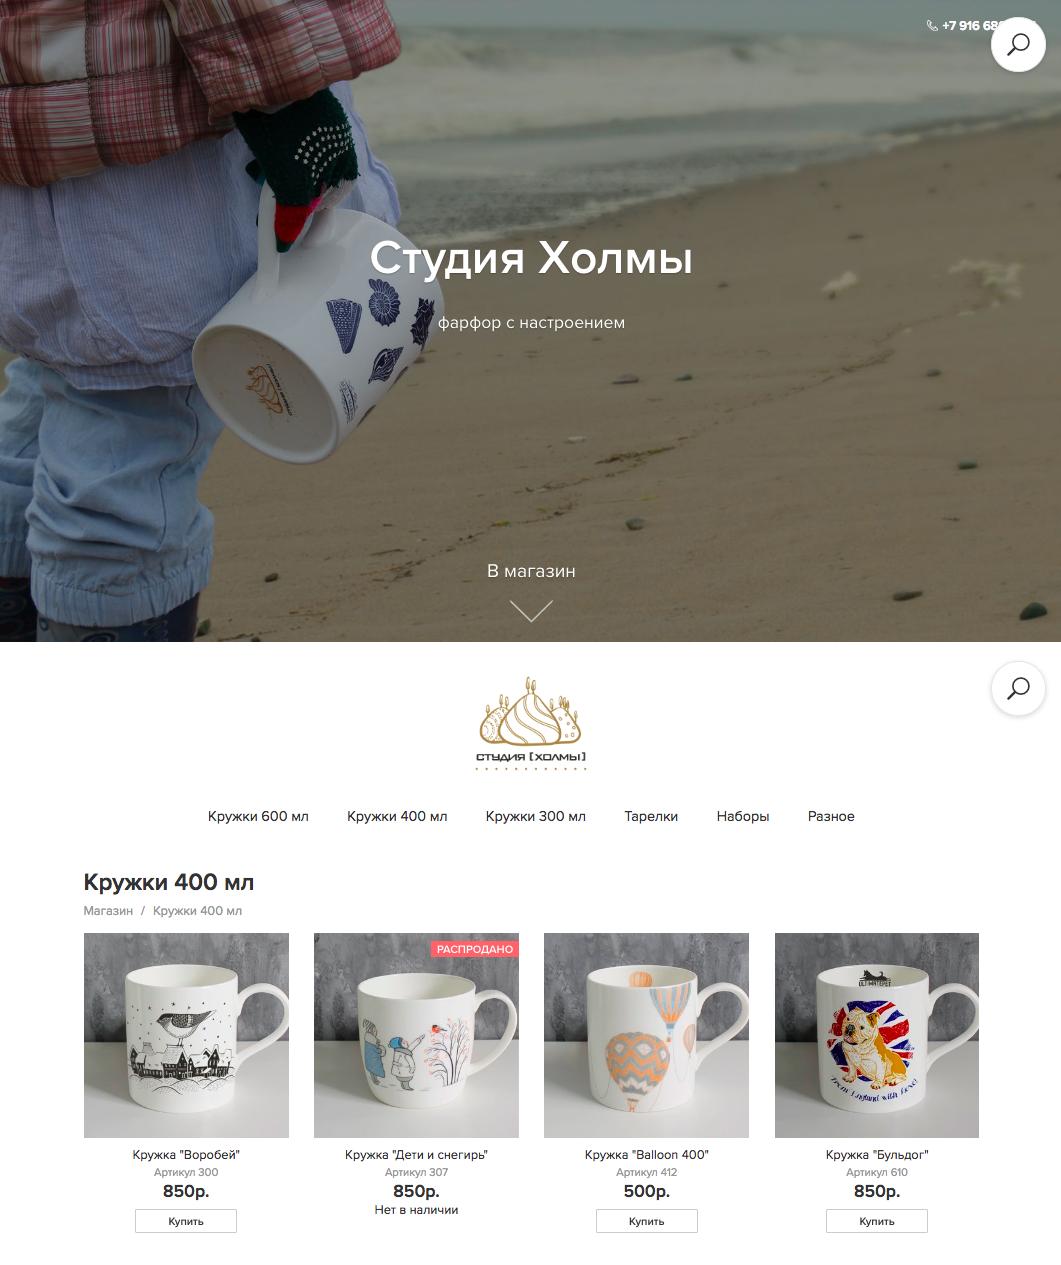 Пример оформления Стартового сайта. Интернет-магазин arthills.ru